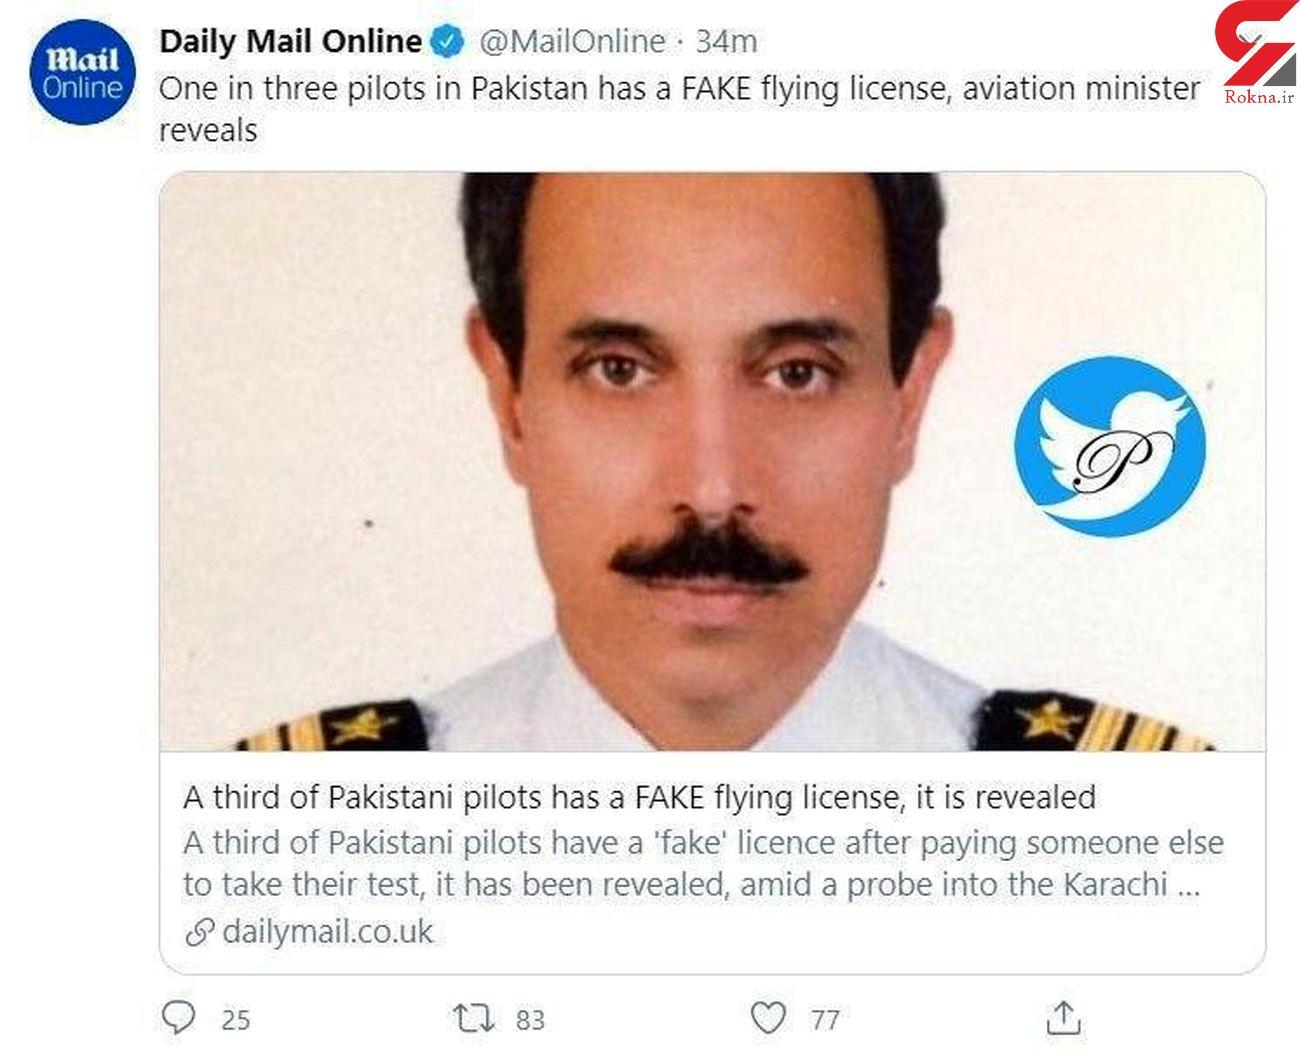 خلبان هواپیمای مسافری با مدرک جعلی ۹۷ تن را به کشتن داد +عکس